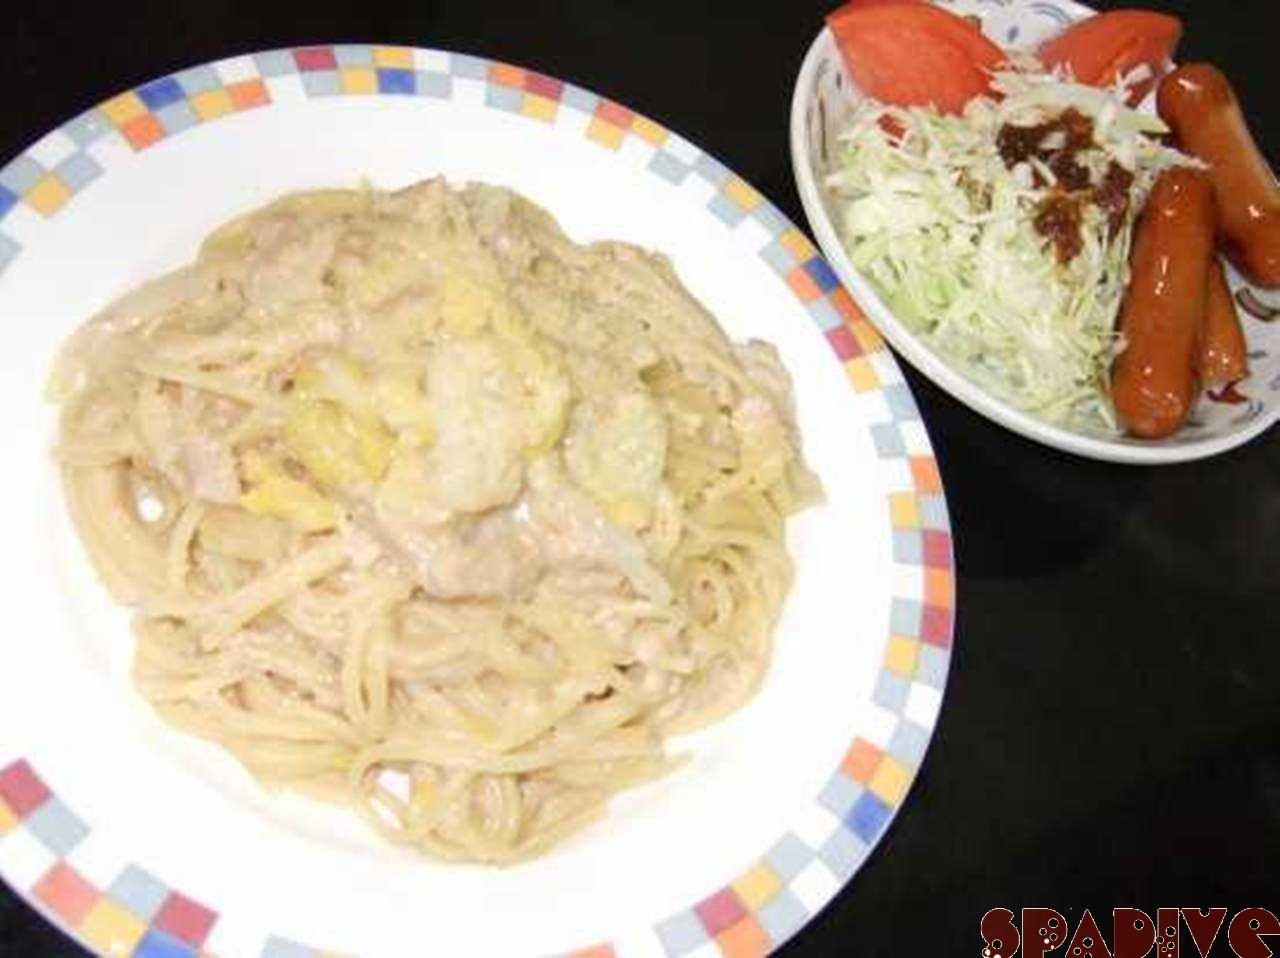 初挑戦!!なんとか食べれたクリームパスタ(^^ゞ